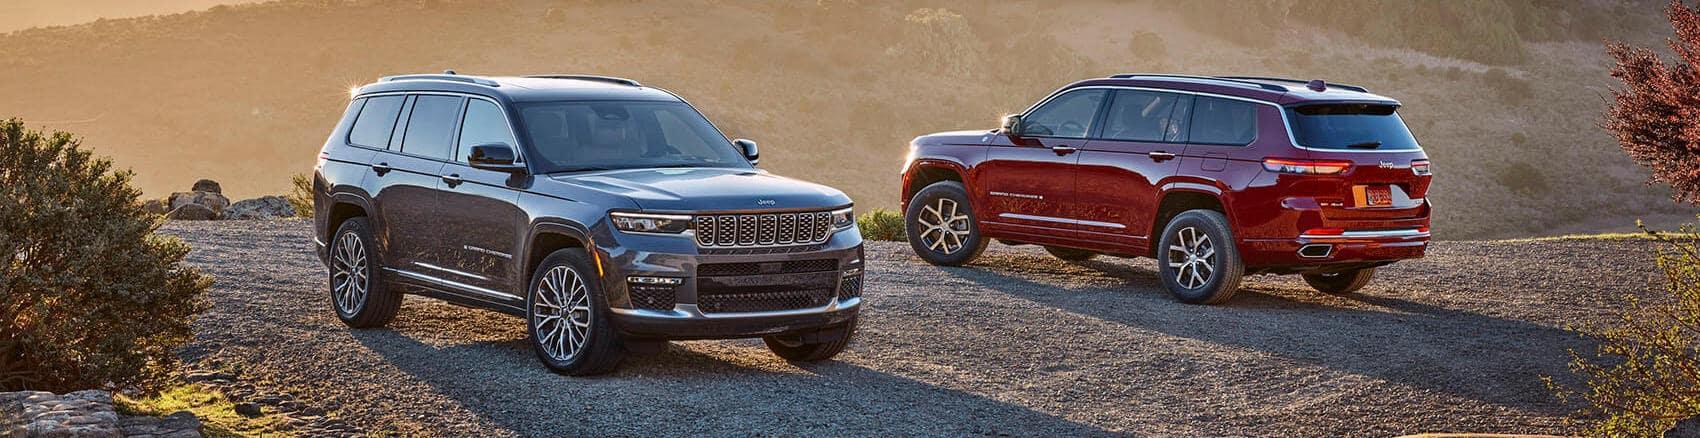 Jeep Grand Cherokee for Sale Dallas, TX